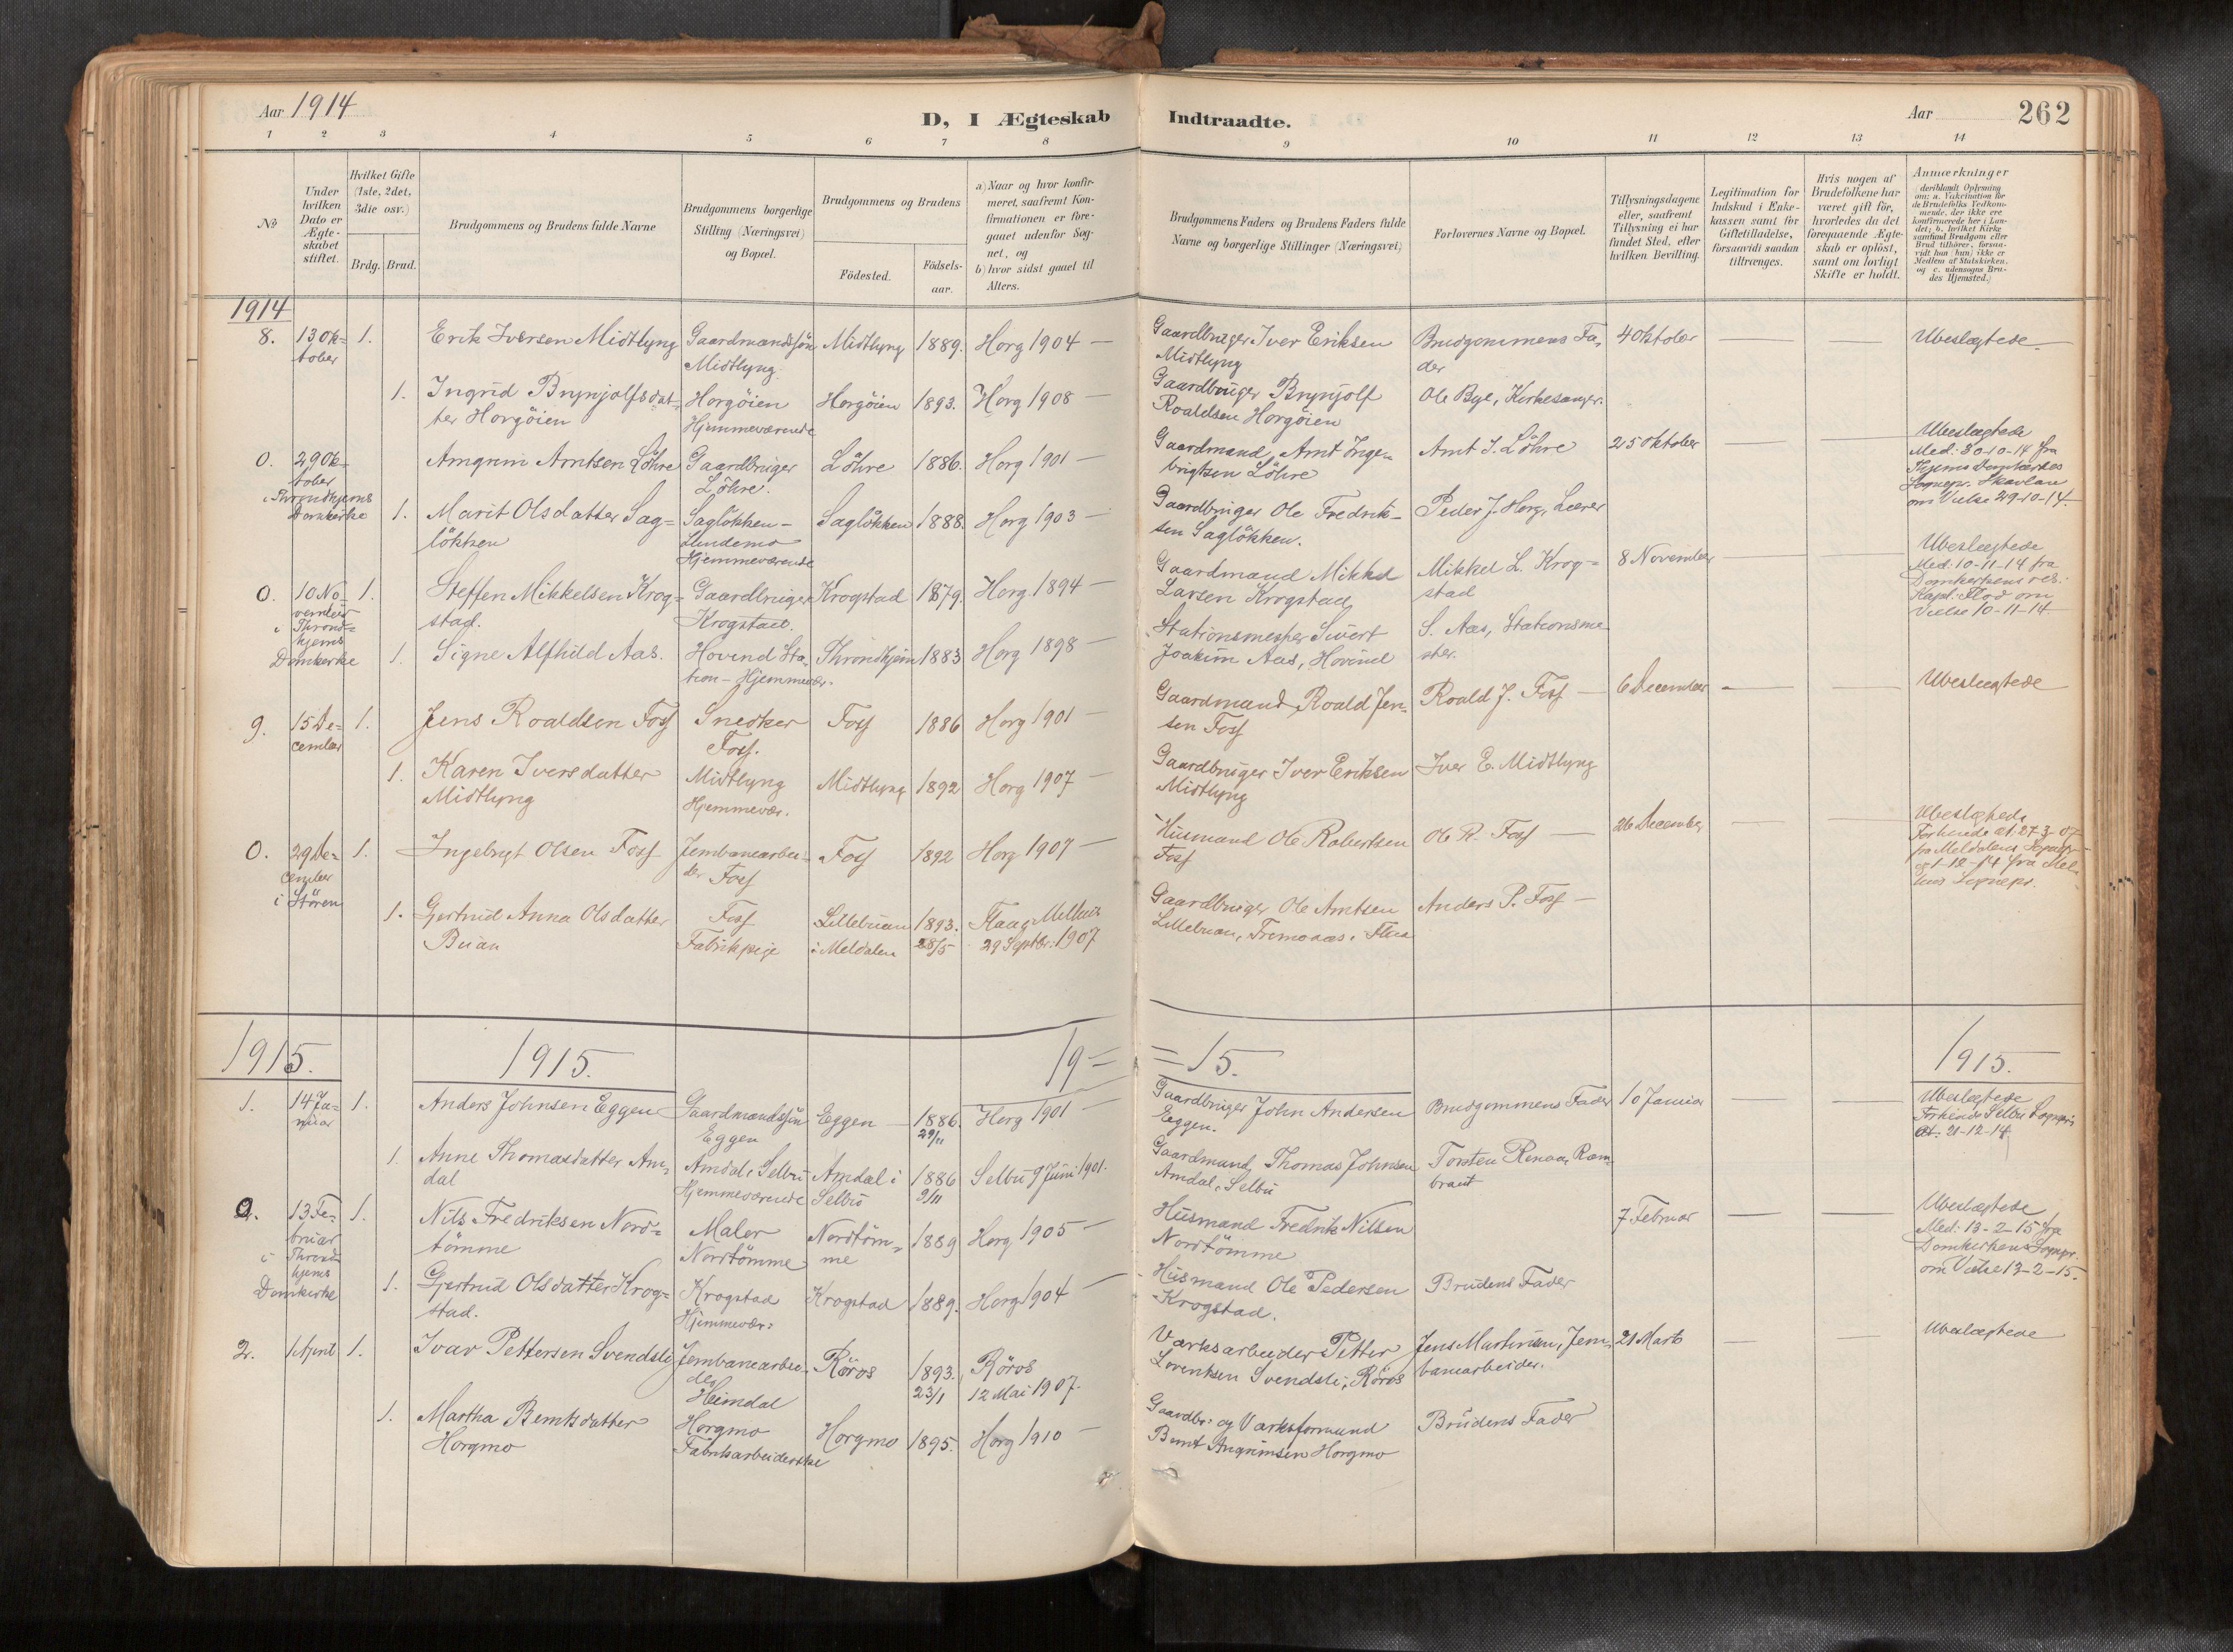 SAT, Ministerialprotokoller, klokkerbøker og fødselsregistre - Sør-Trøndelag, 692/L1105b: Ministerialbok nr. 692A06, 1891-1934, s. 262